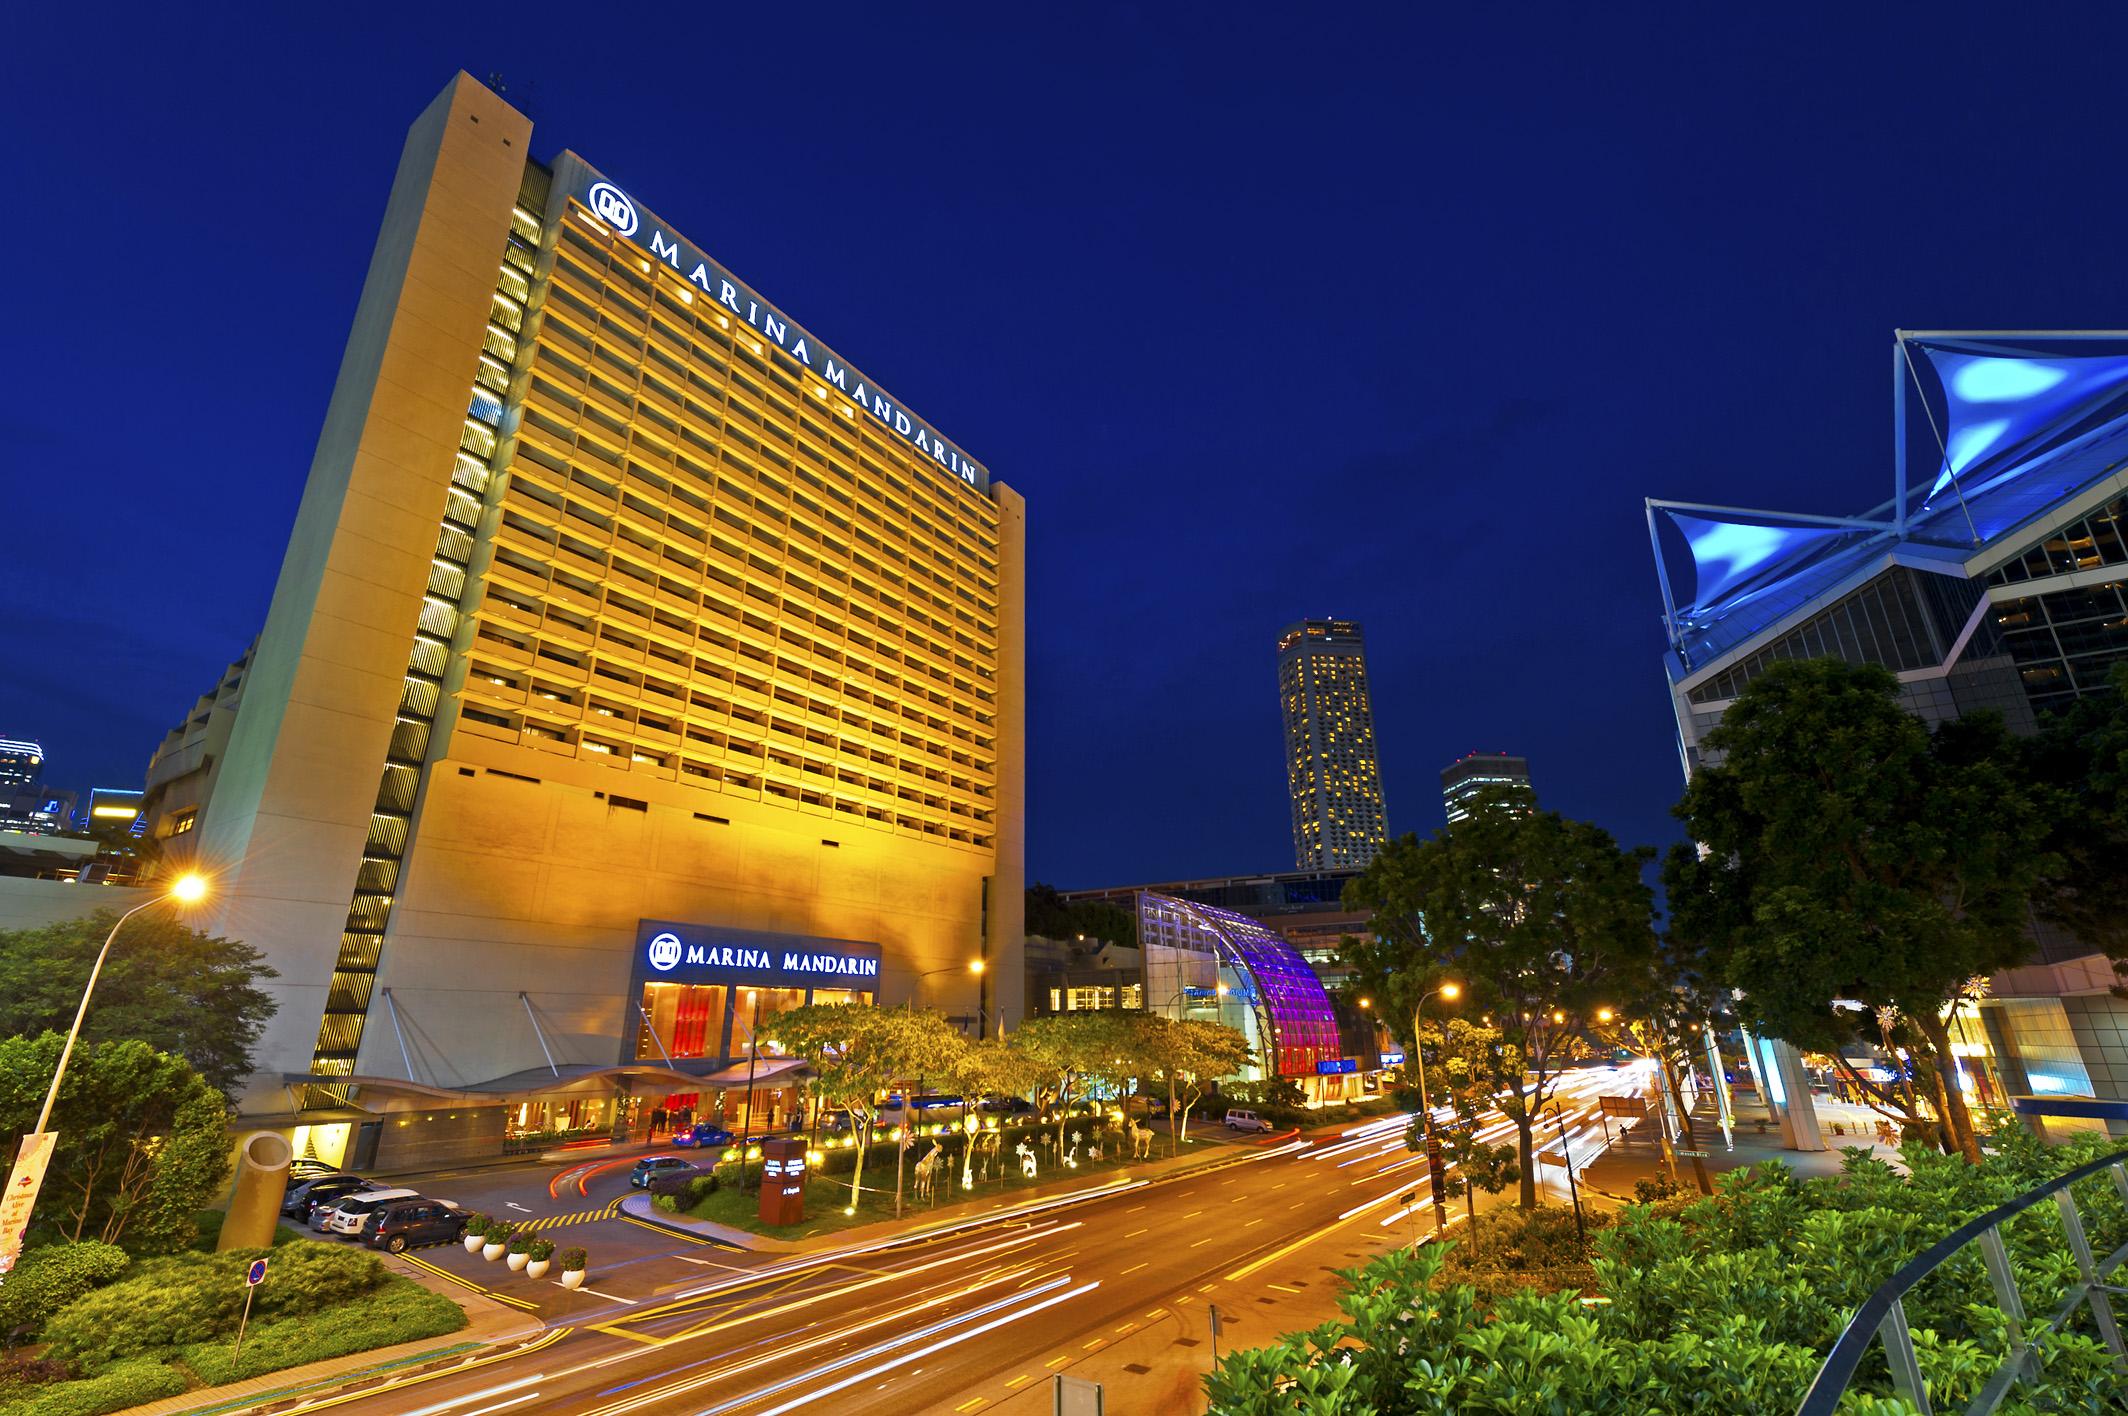 マリーナ・マンダリン・シンガポール Marina Mandarin Singapore概要